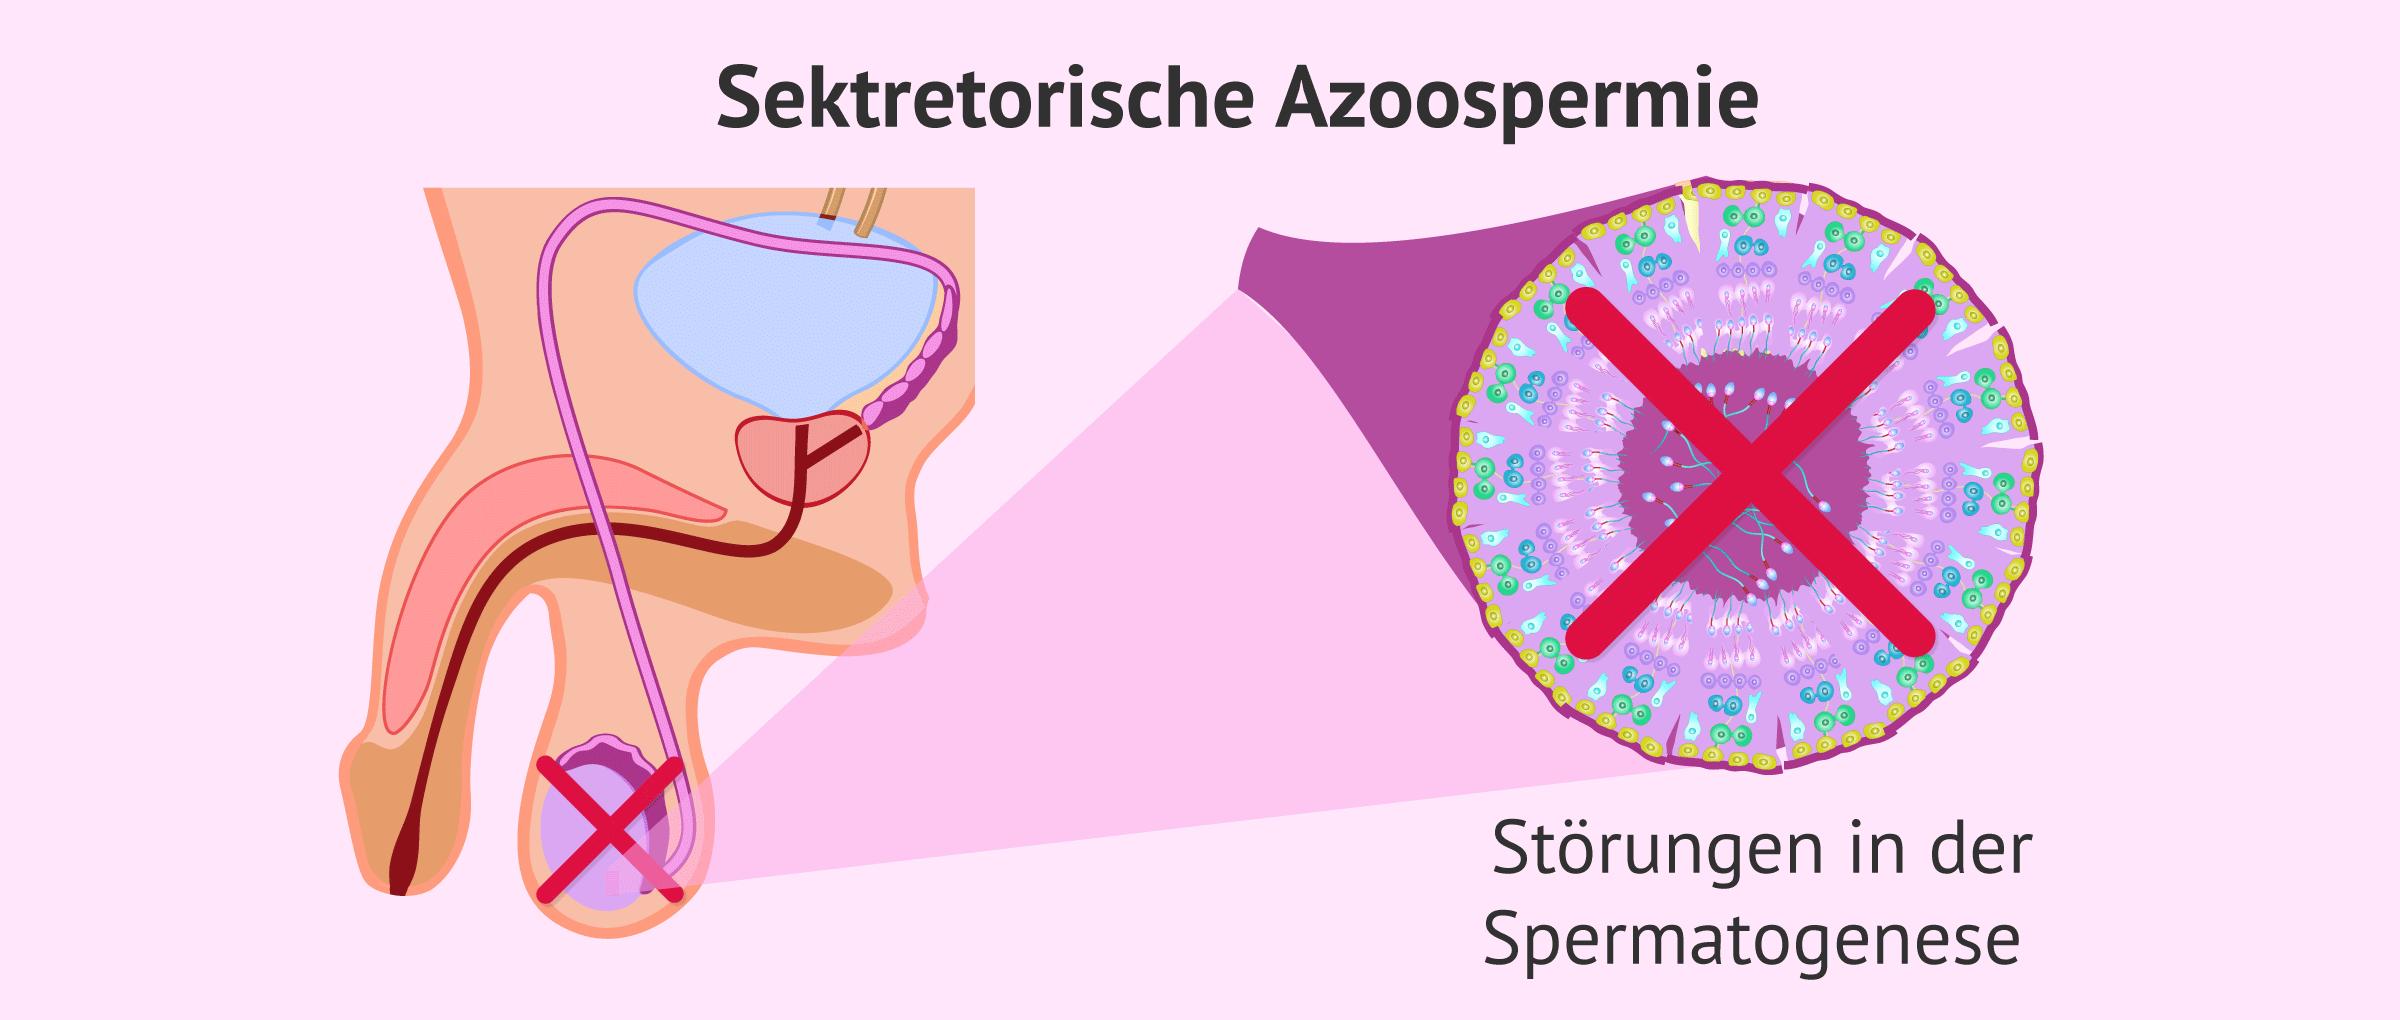 Faktoren die auf die Spermienproduktion einwirken